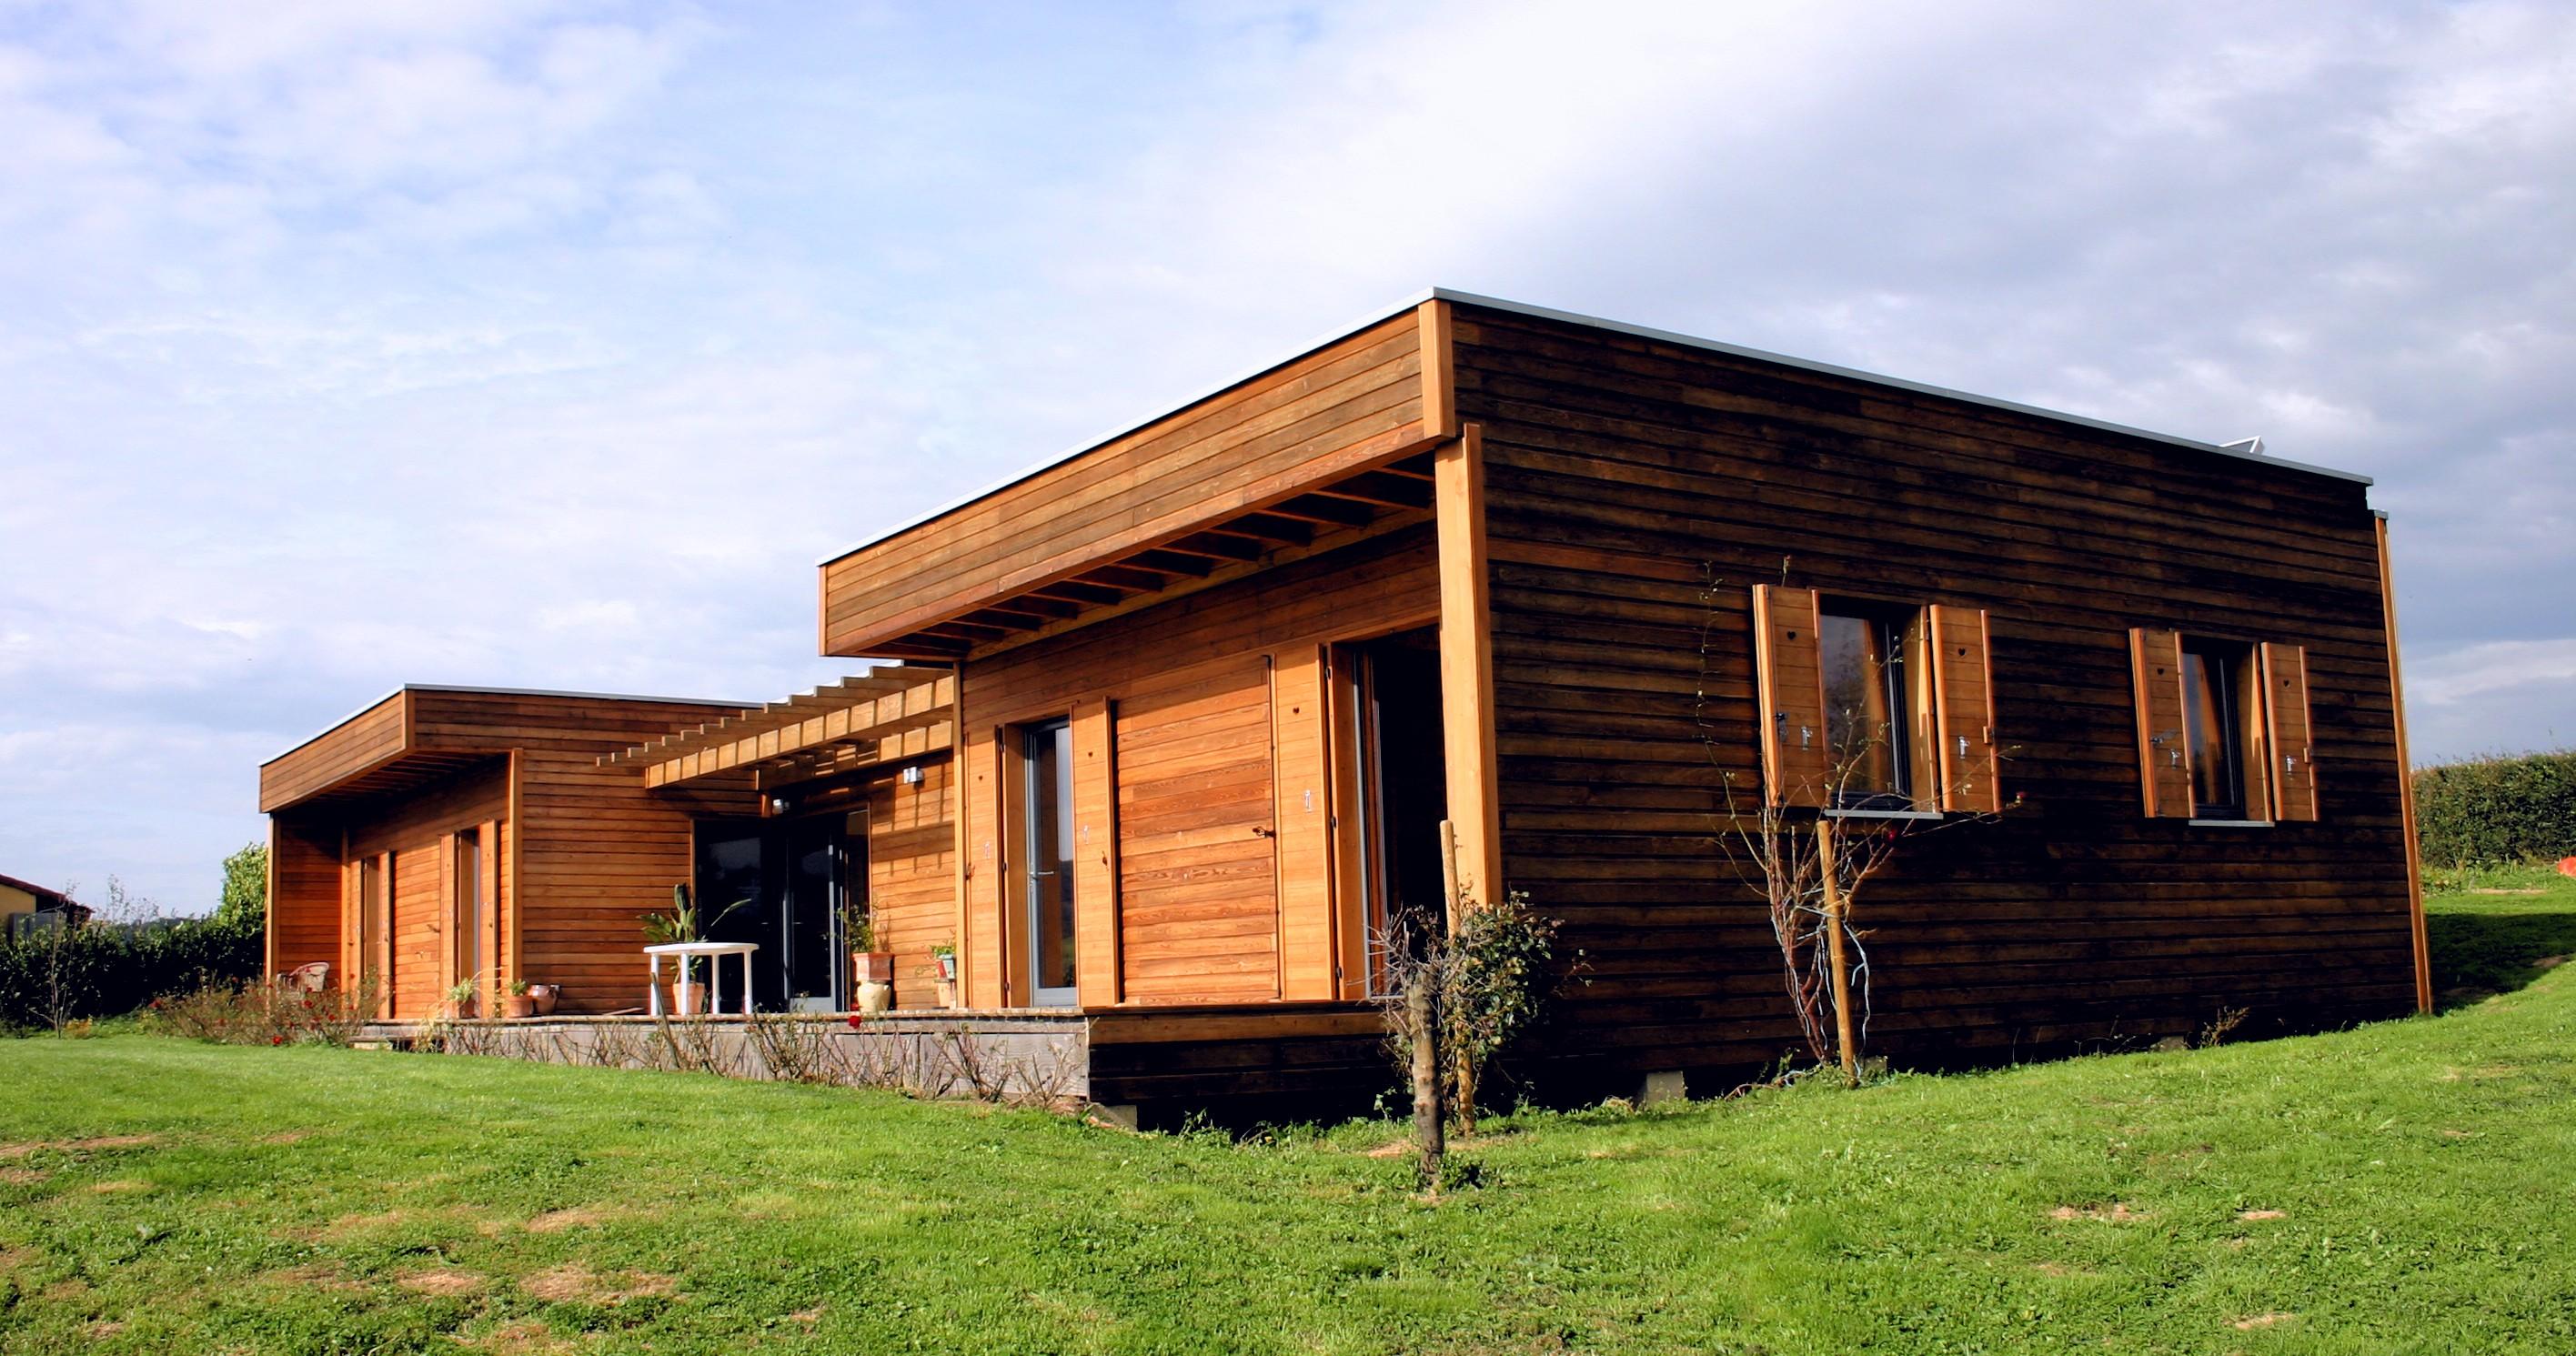 sudest matthieu dupont de dinechin architecte dplg. Black Bedroom Furniture Sets. Home Design Ideas